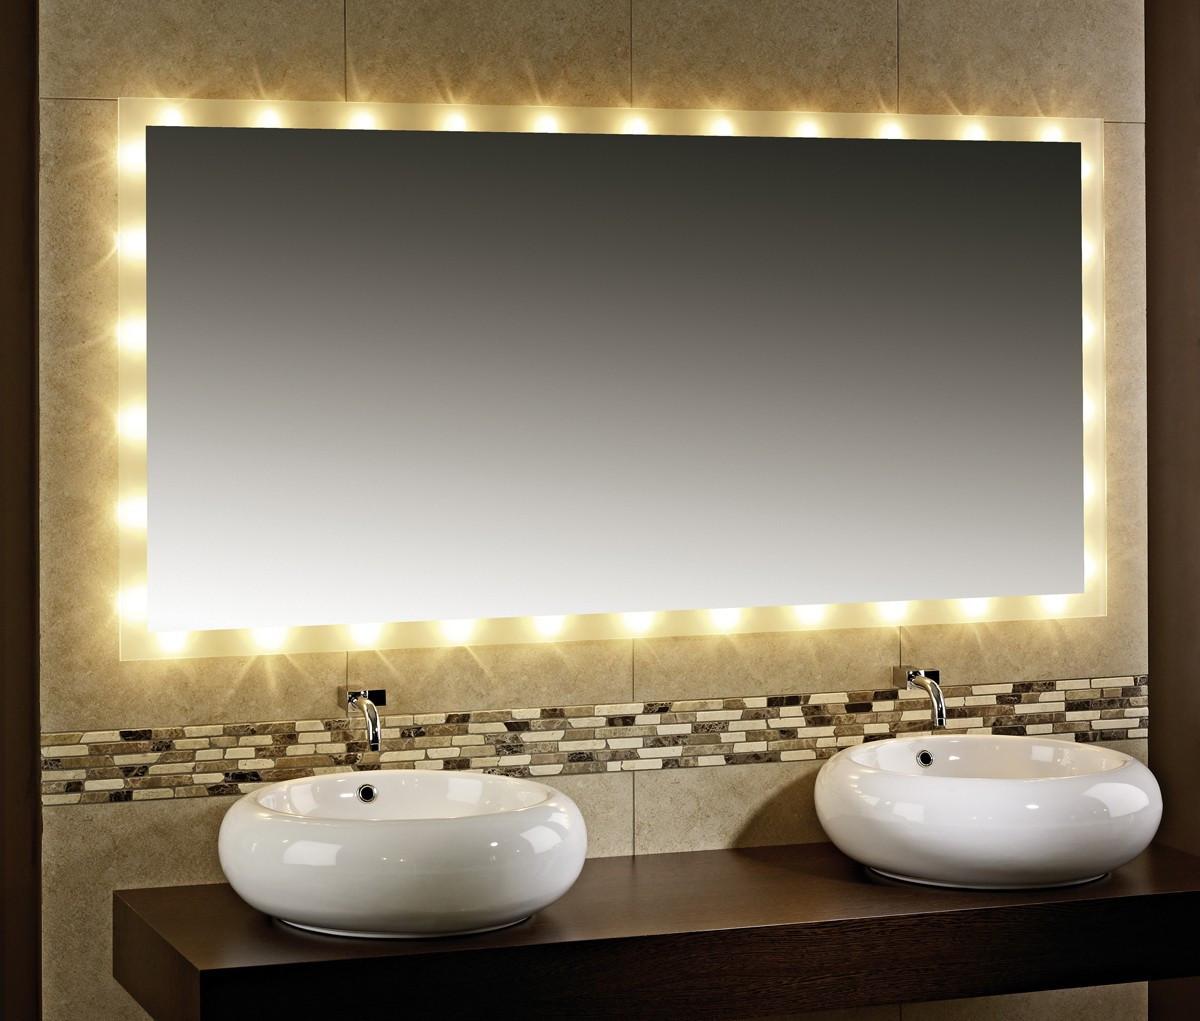 Spiegel Mit Beleuchtung  Badezimmerspiegel mit Beleuchtung Kairo